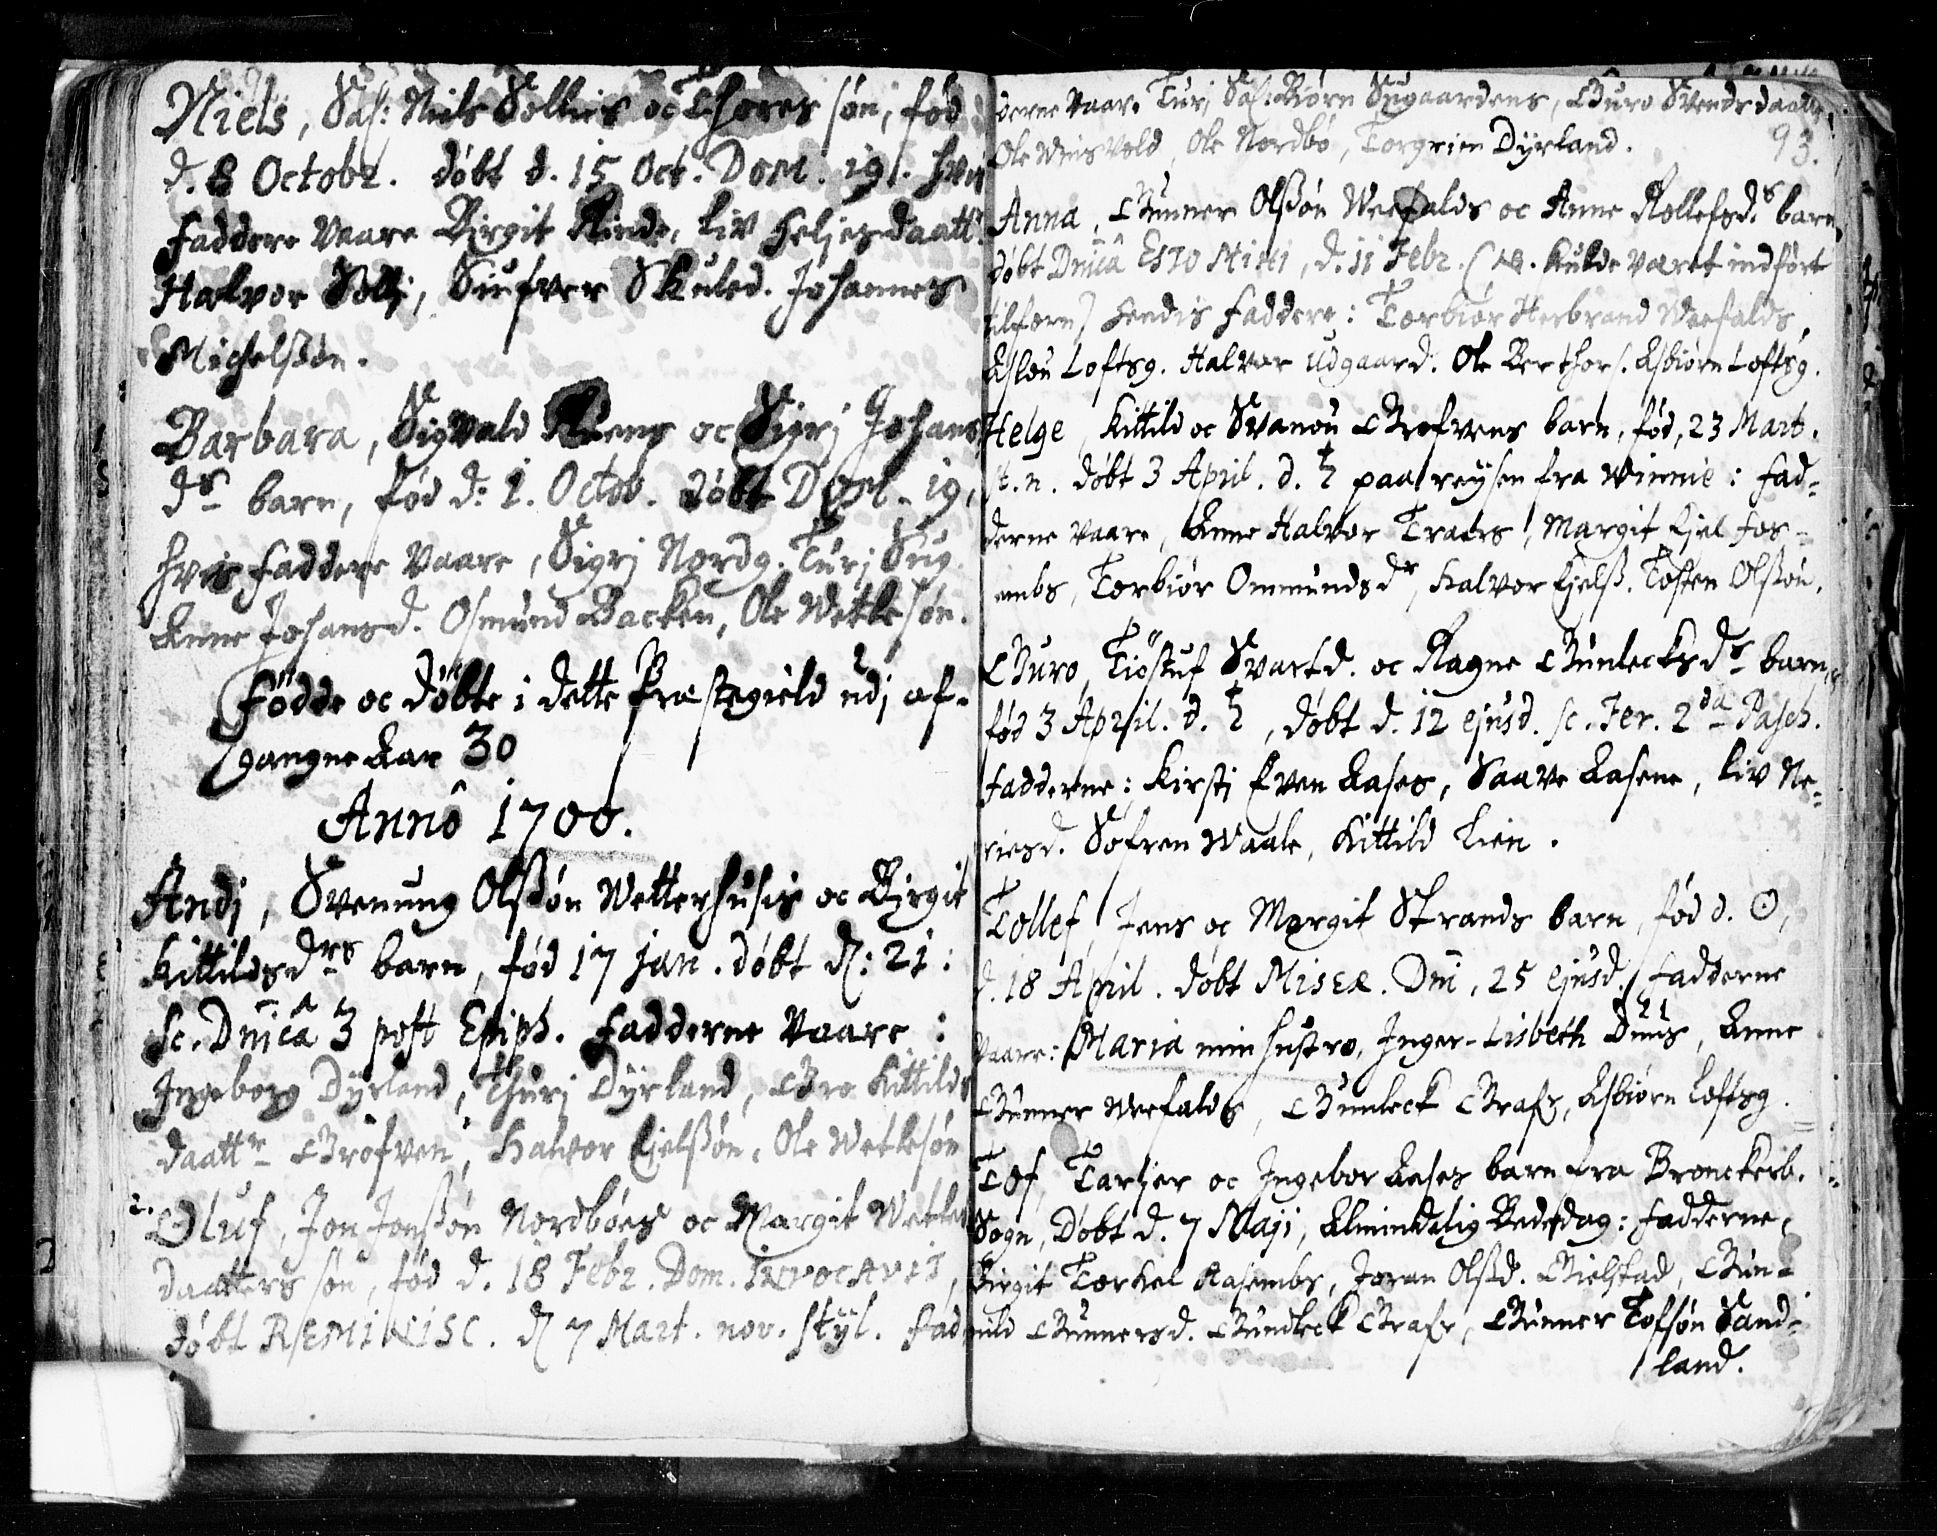 SAKO, Seljord kirkebøker, F/Fa/L0002: Ministerialbok nr. I 2, 1689-1713, s. 92-93